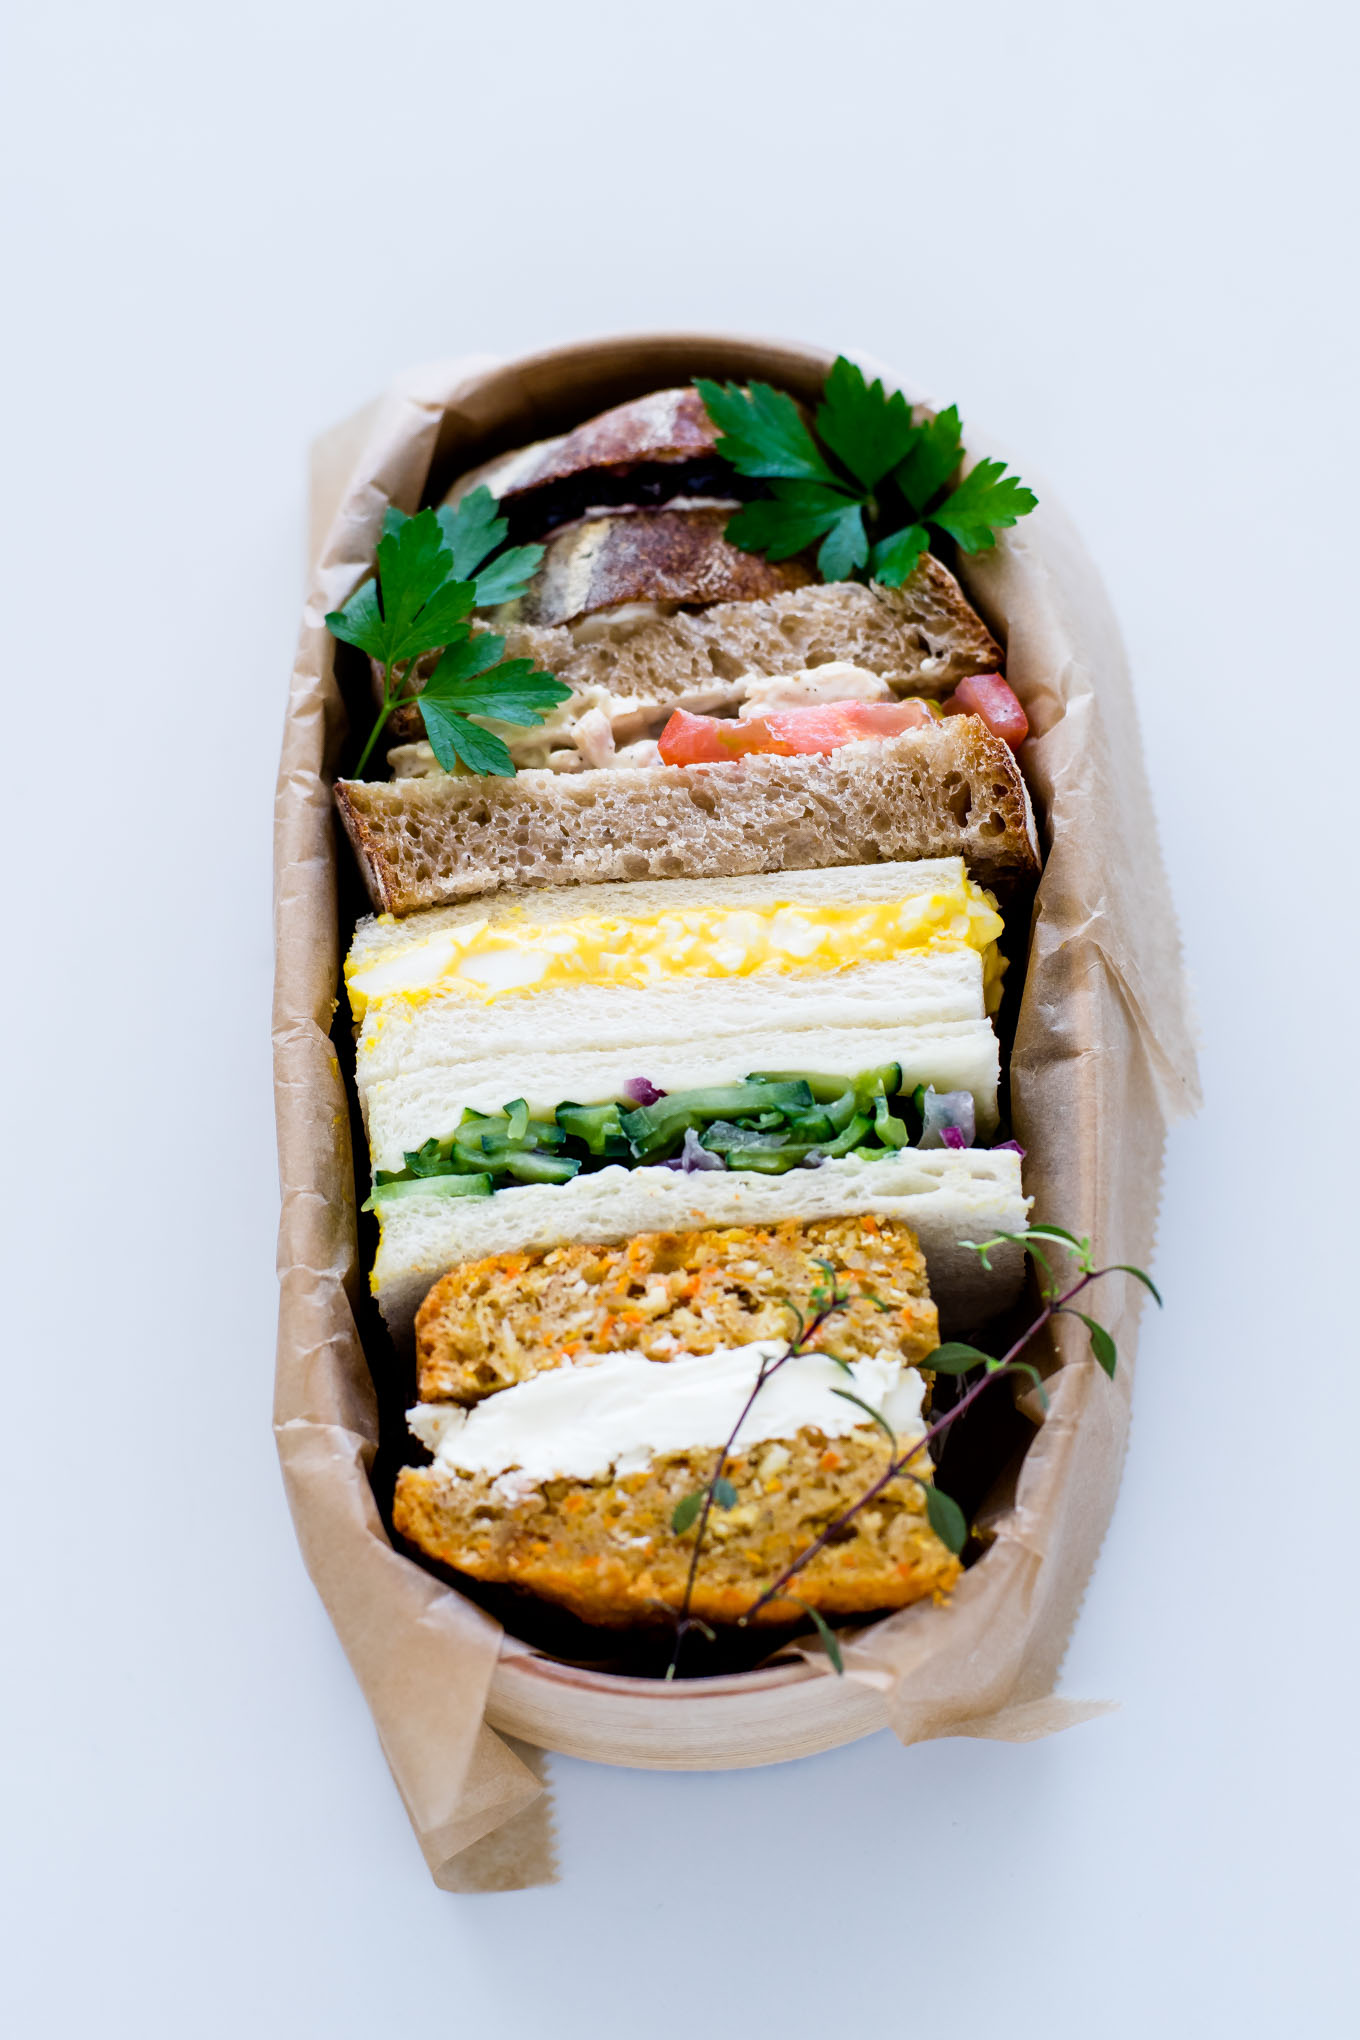 家でサンドイッチを手作りしよう!人気のサンドイッチレシピ特集のサムネイル画像